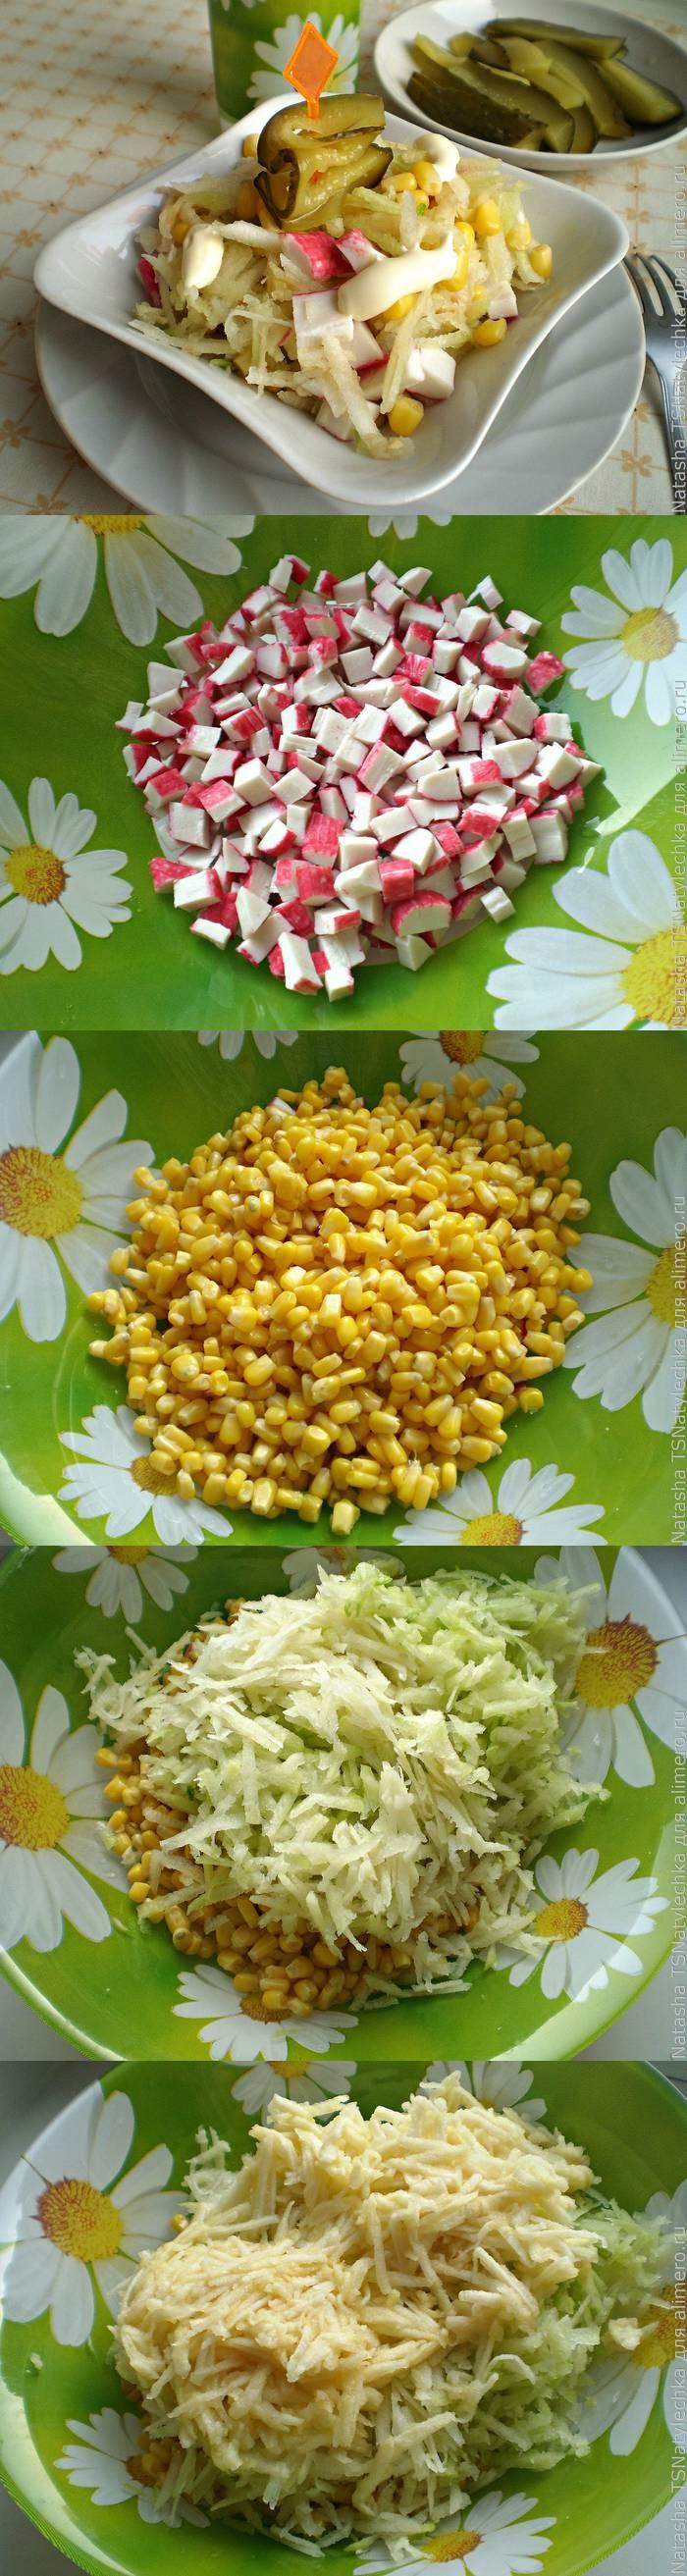 Салат из зеленой редьки и крабовых палочек